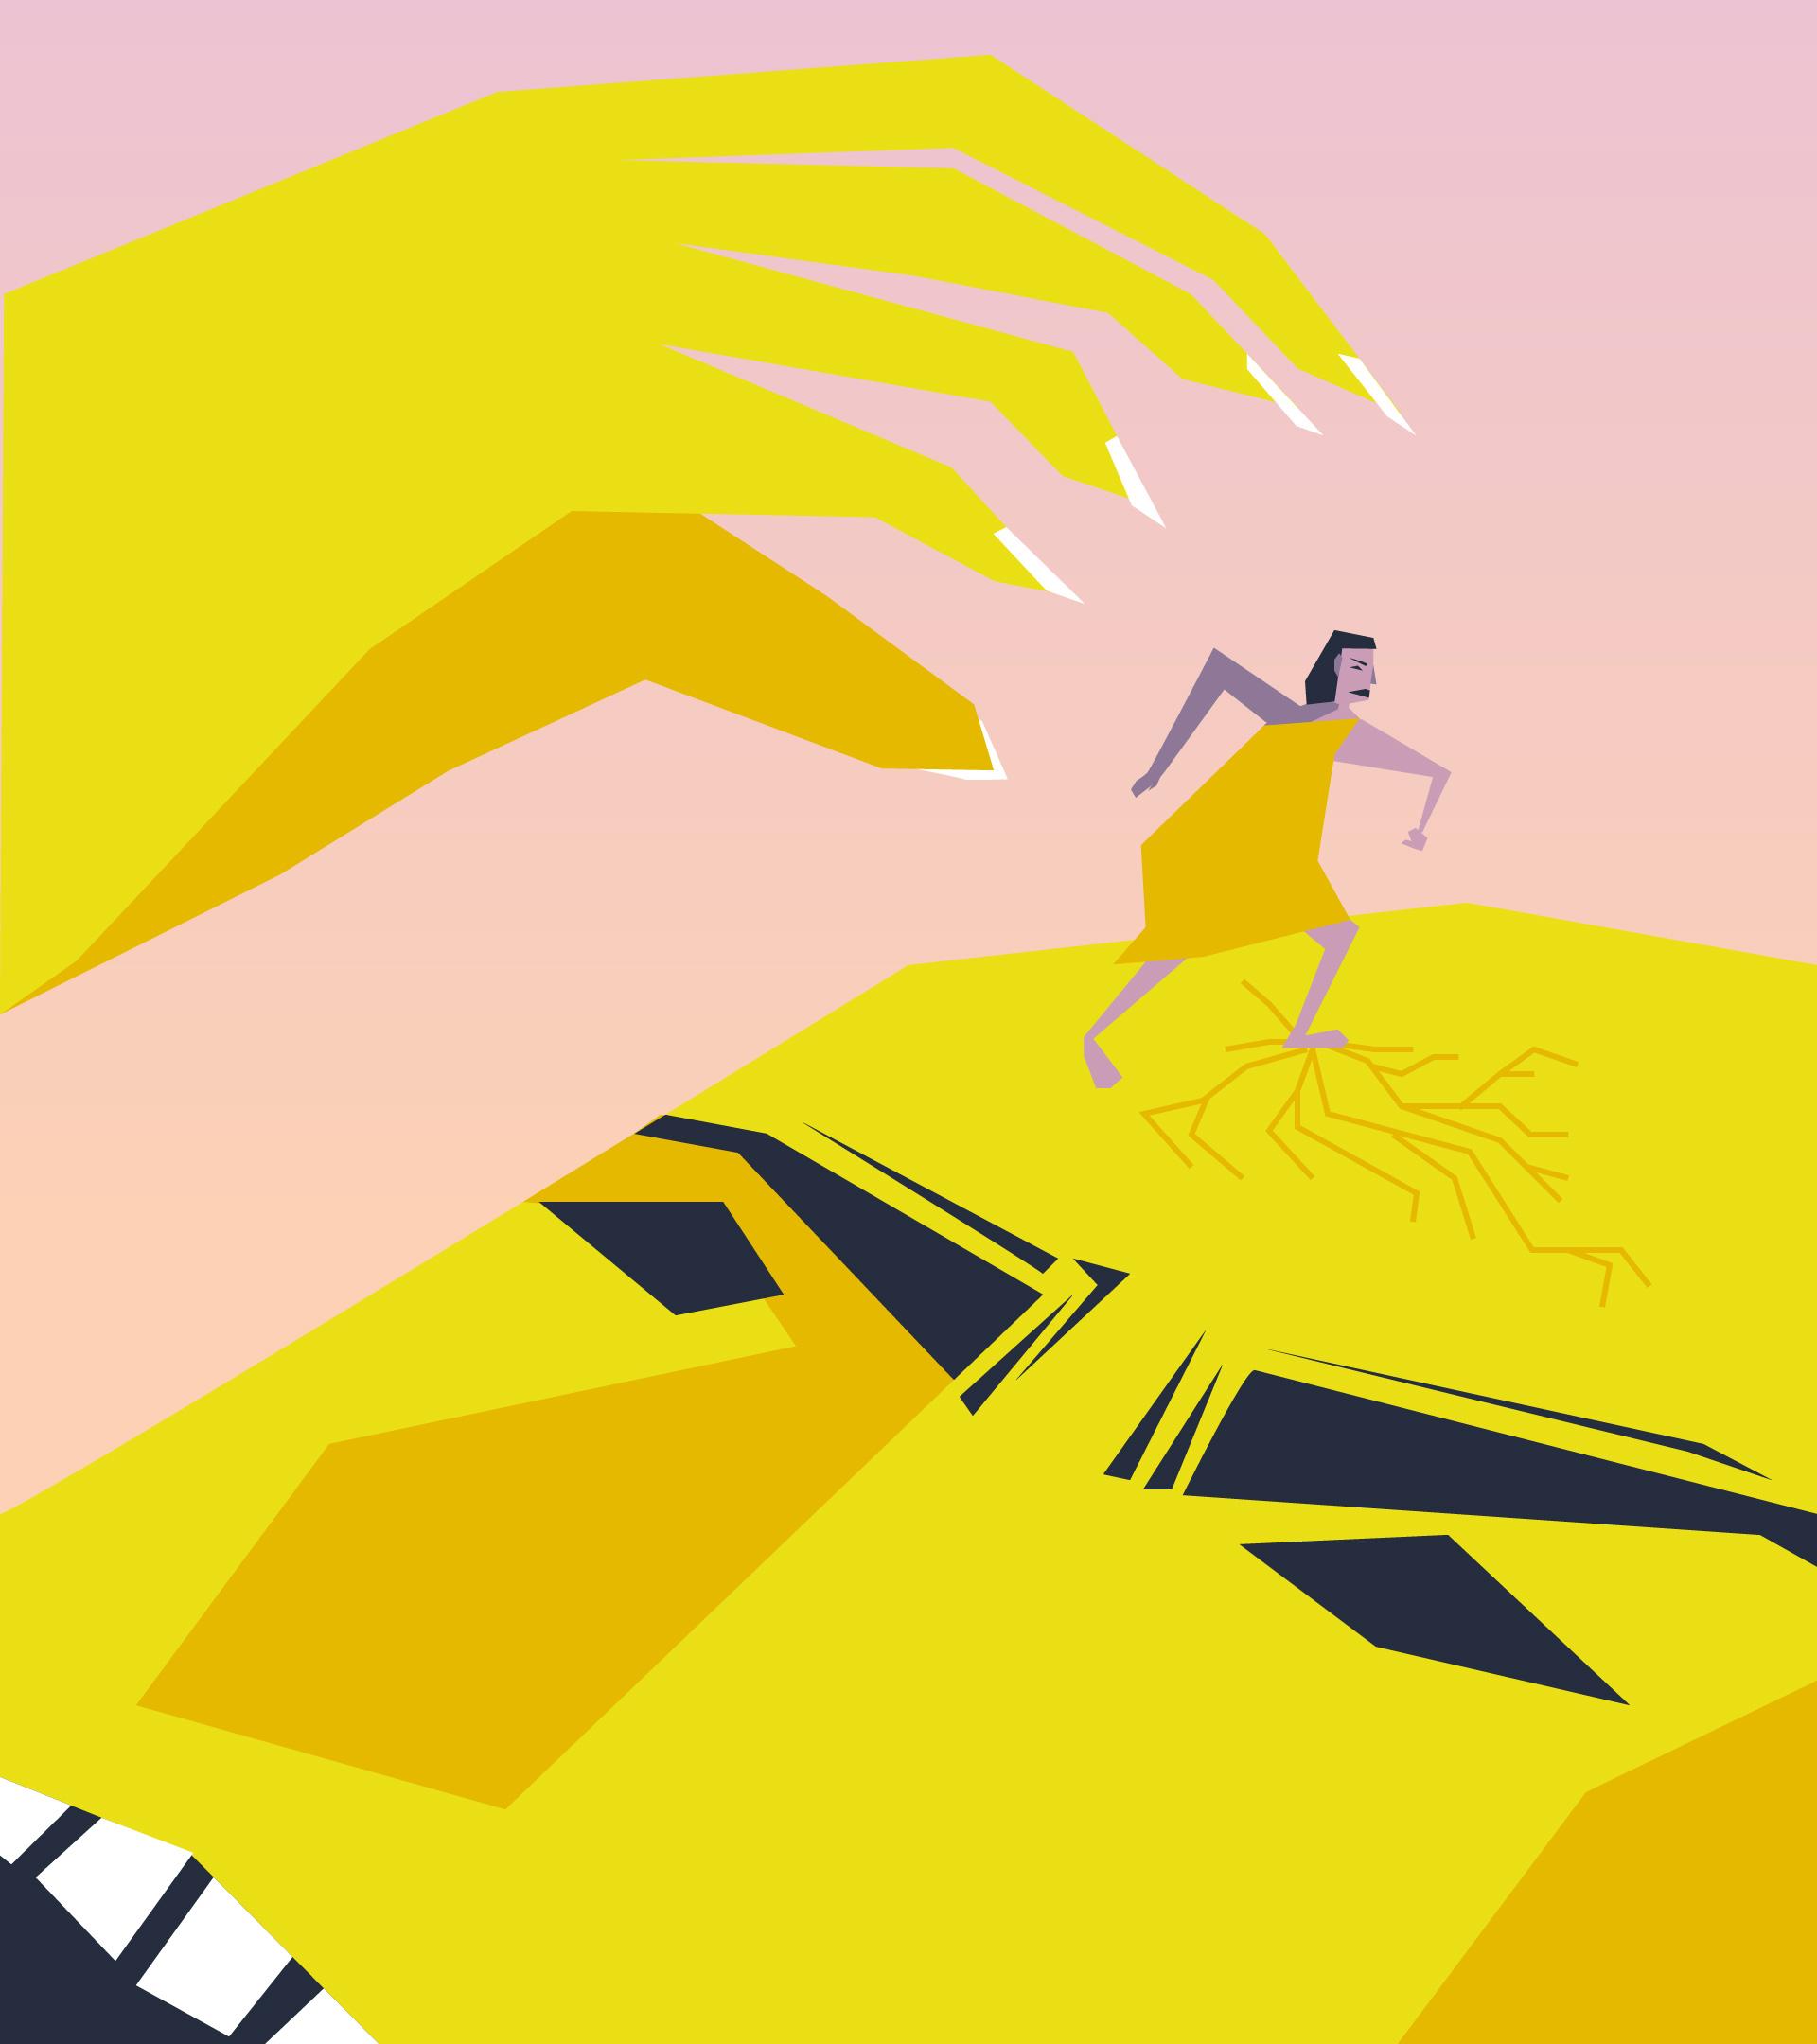 Personaje que se postra encima de la cara de un gigante que intenta atacarlo con su gran mano. Su pie le agrieta la sien.